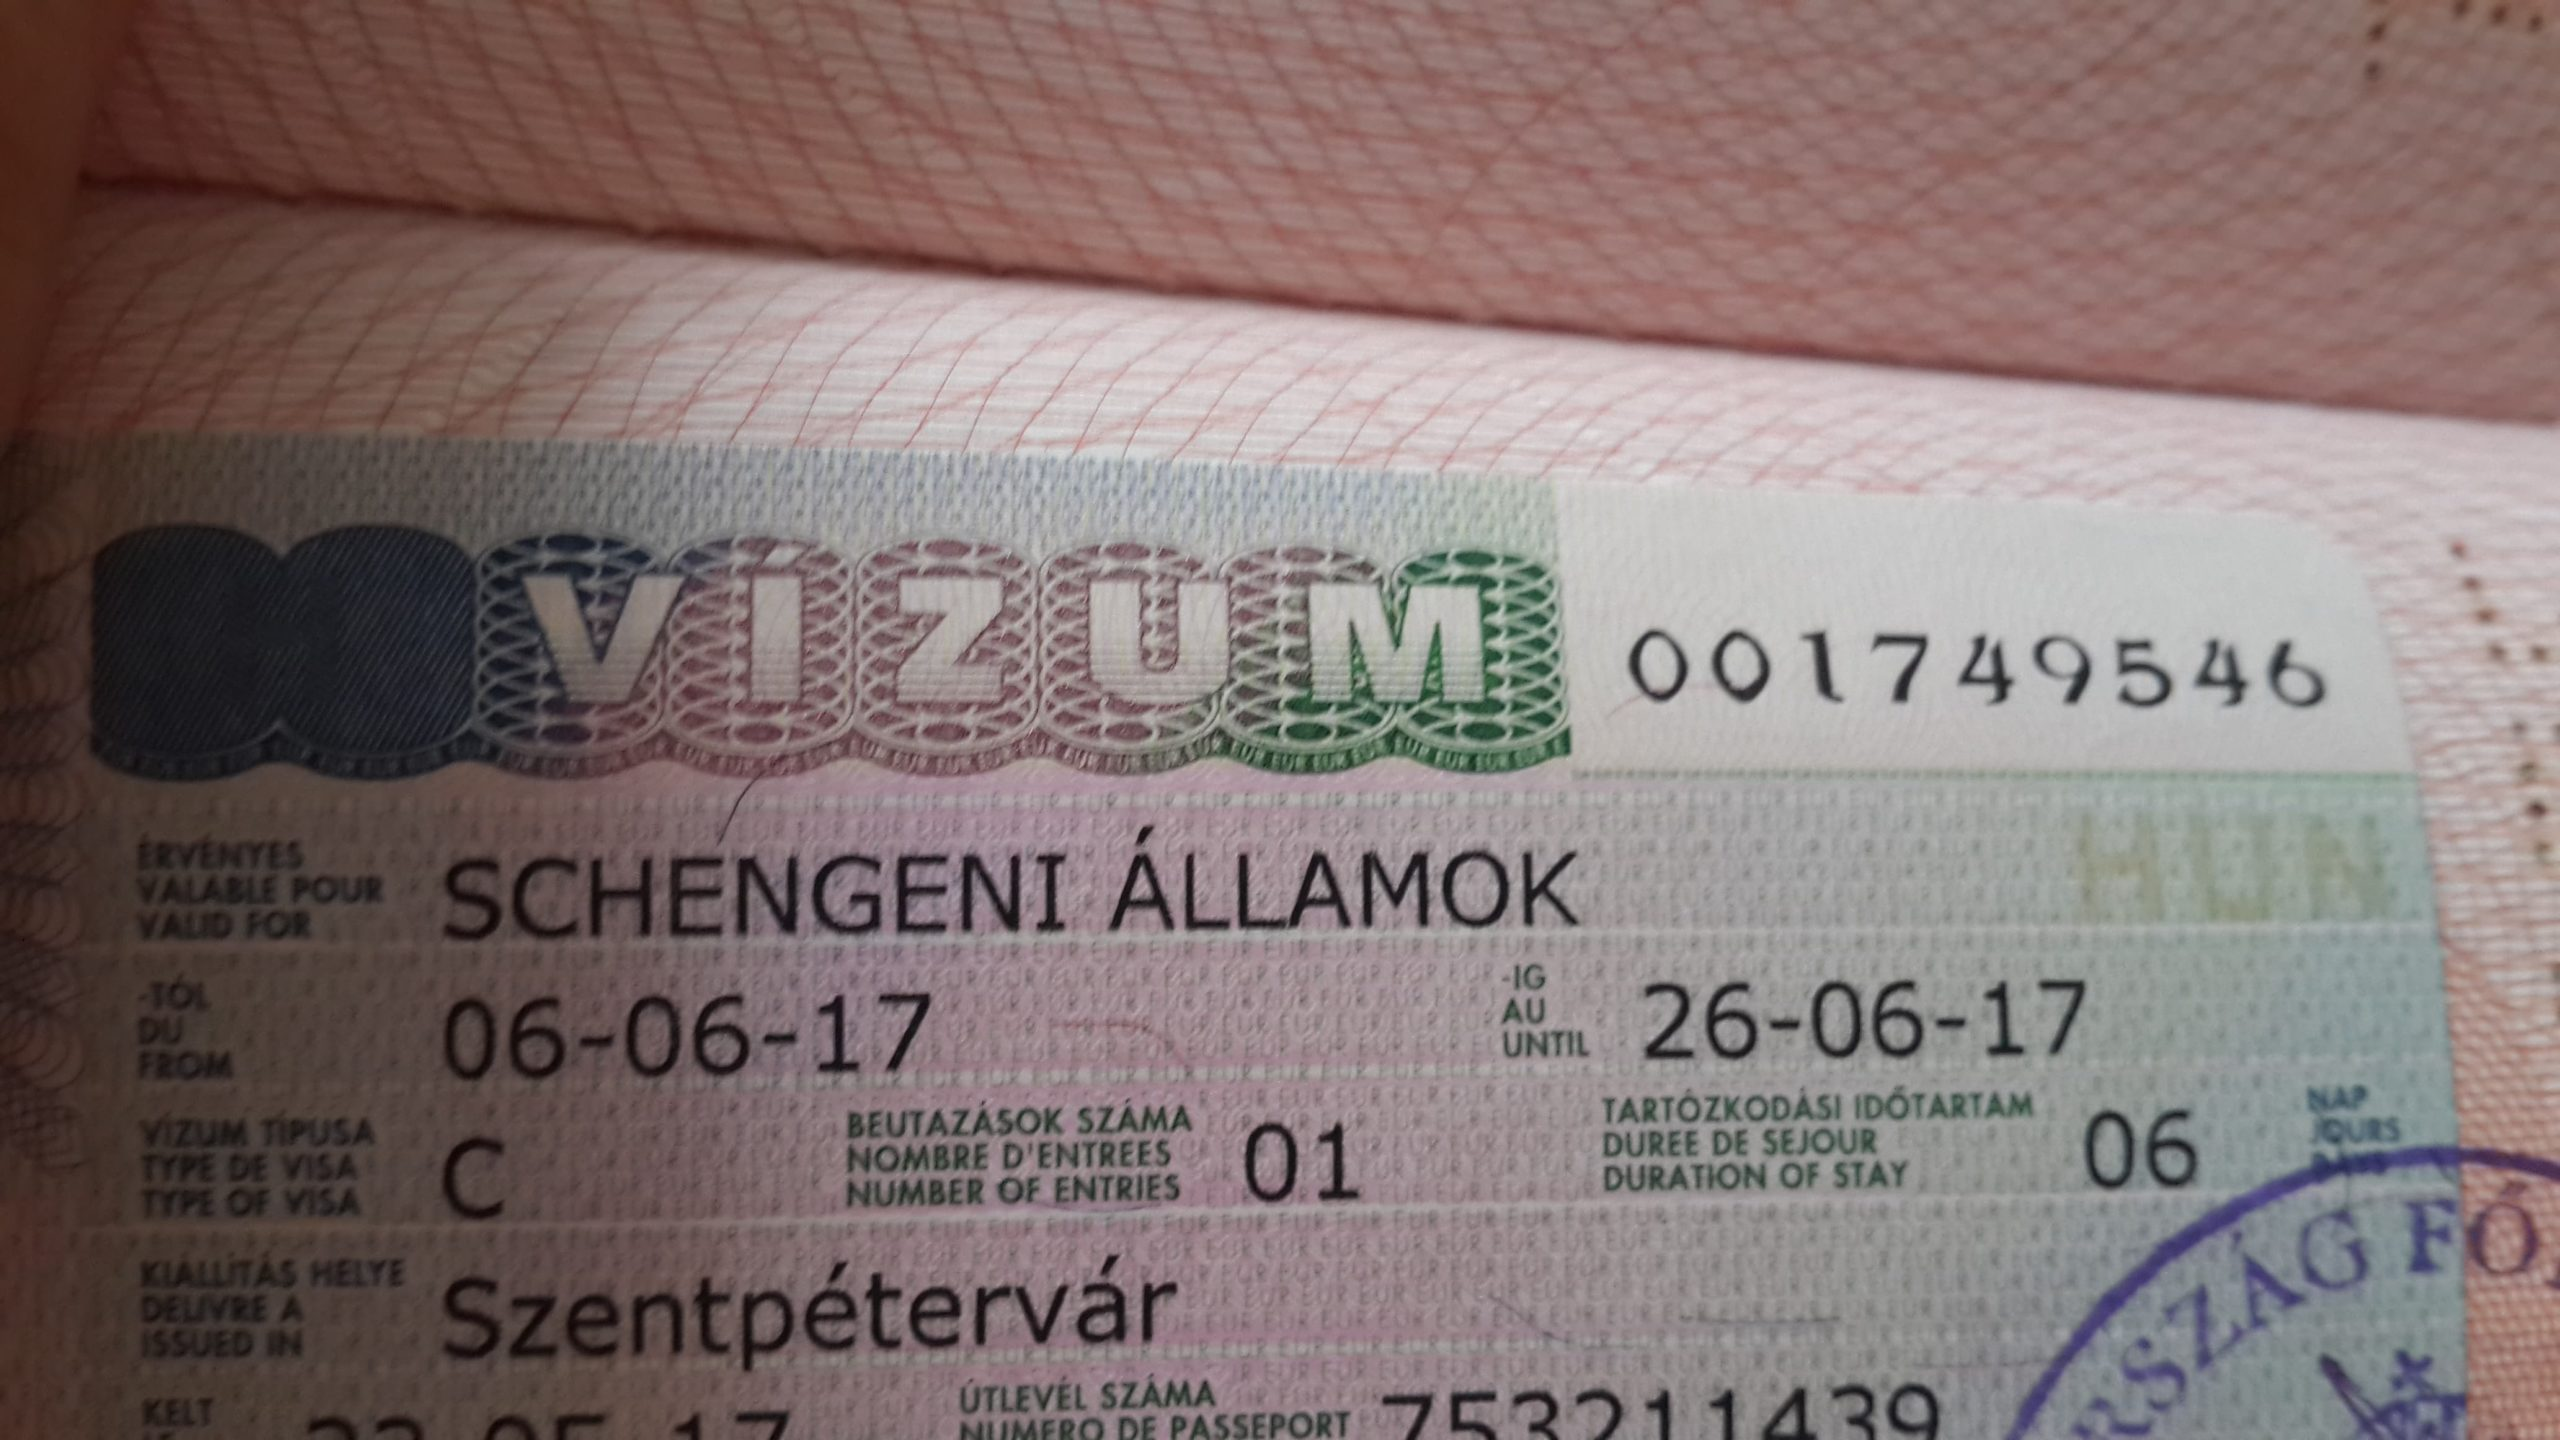 Фото визы в Венгрию